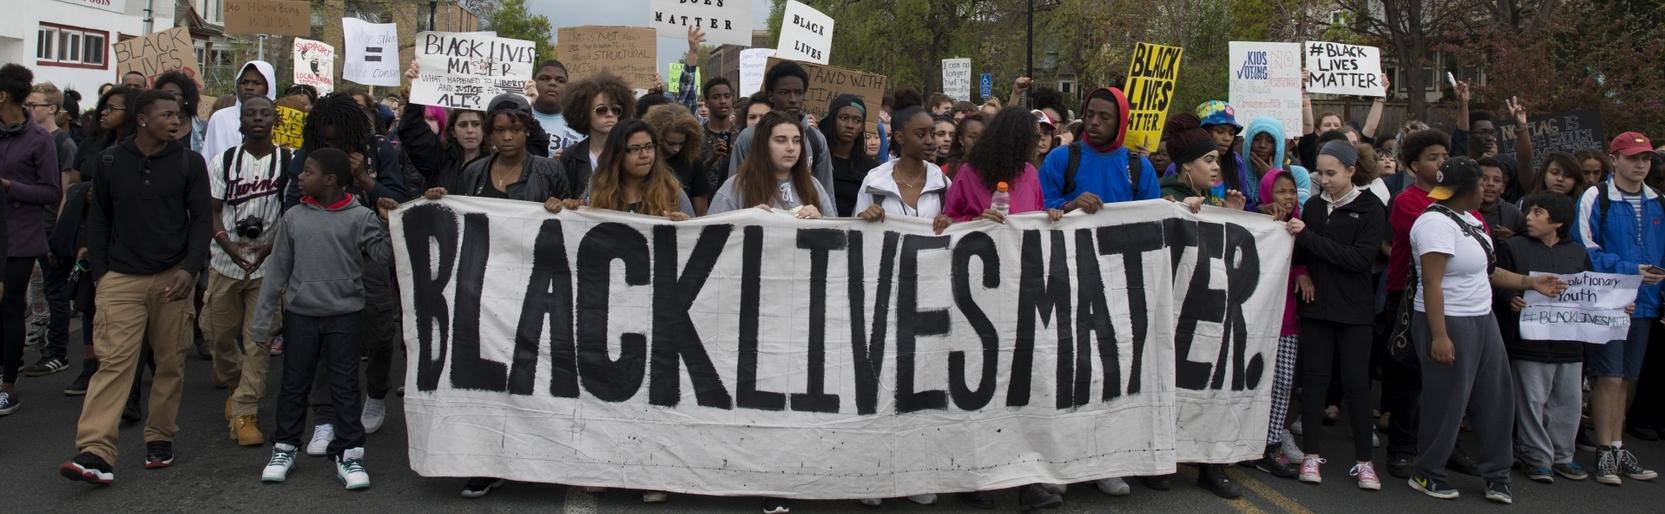 BLM как социальное движение против расизма влияет на развитие английского языка